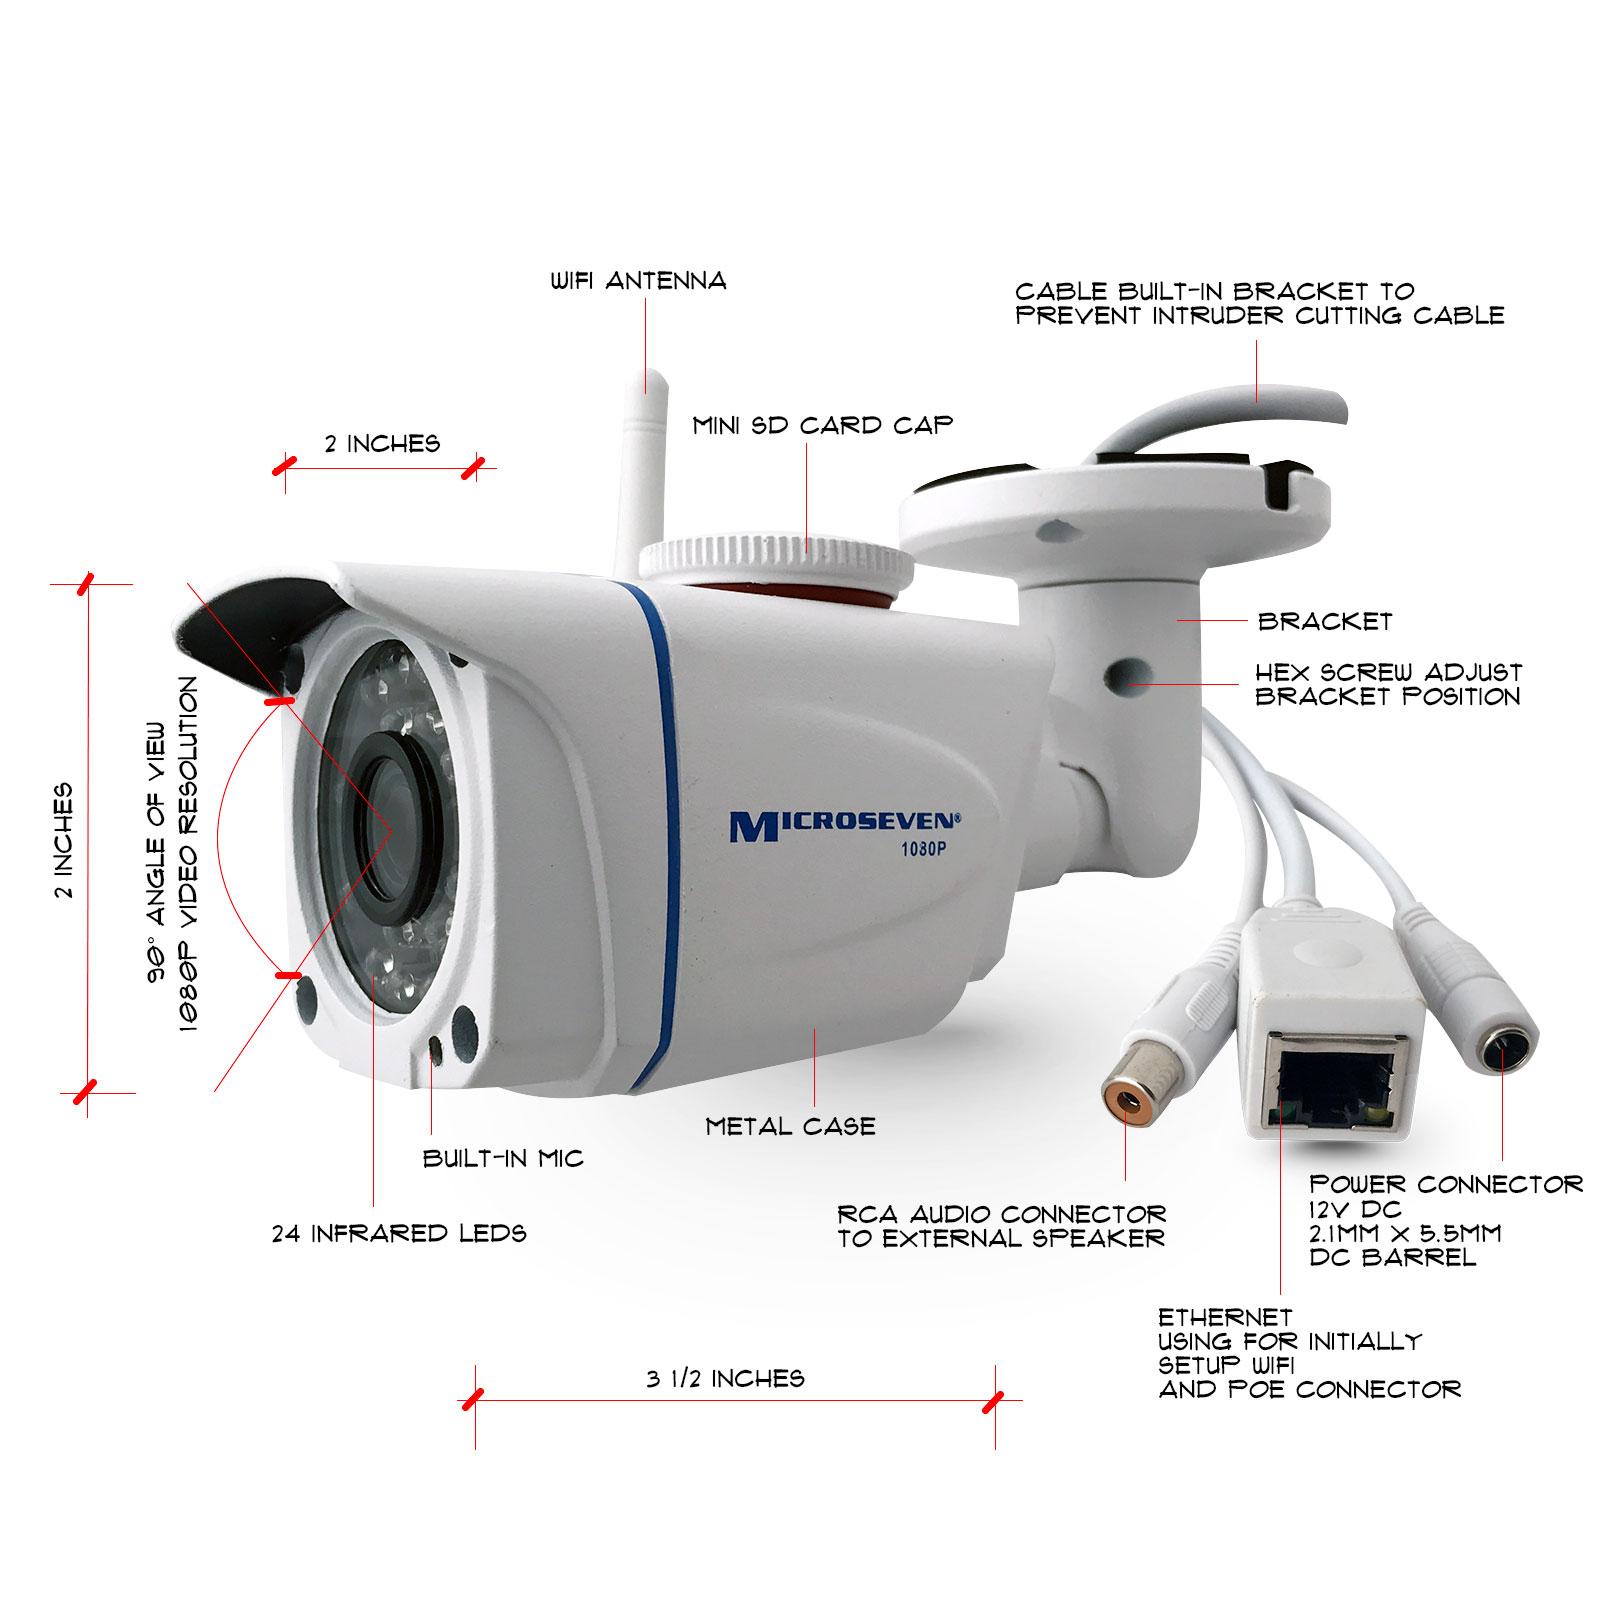 Security Cameras Network Cameras Ip Camera Security